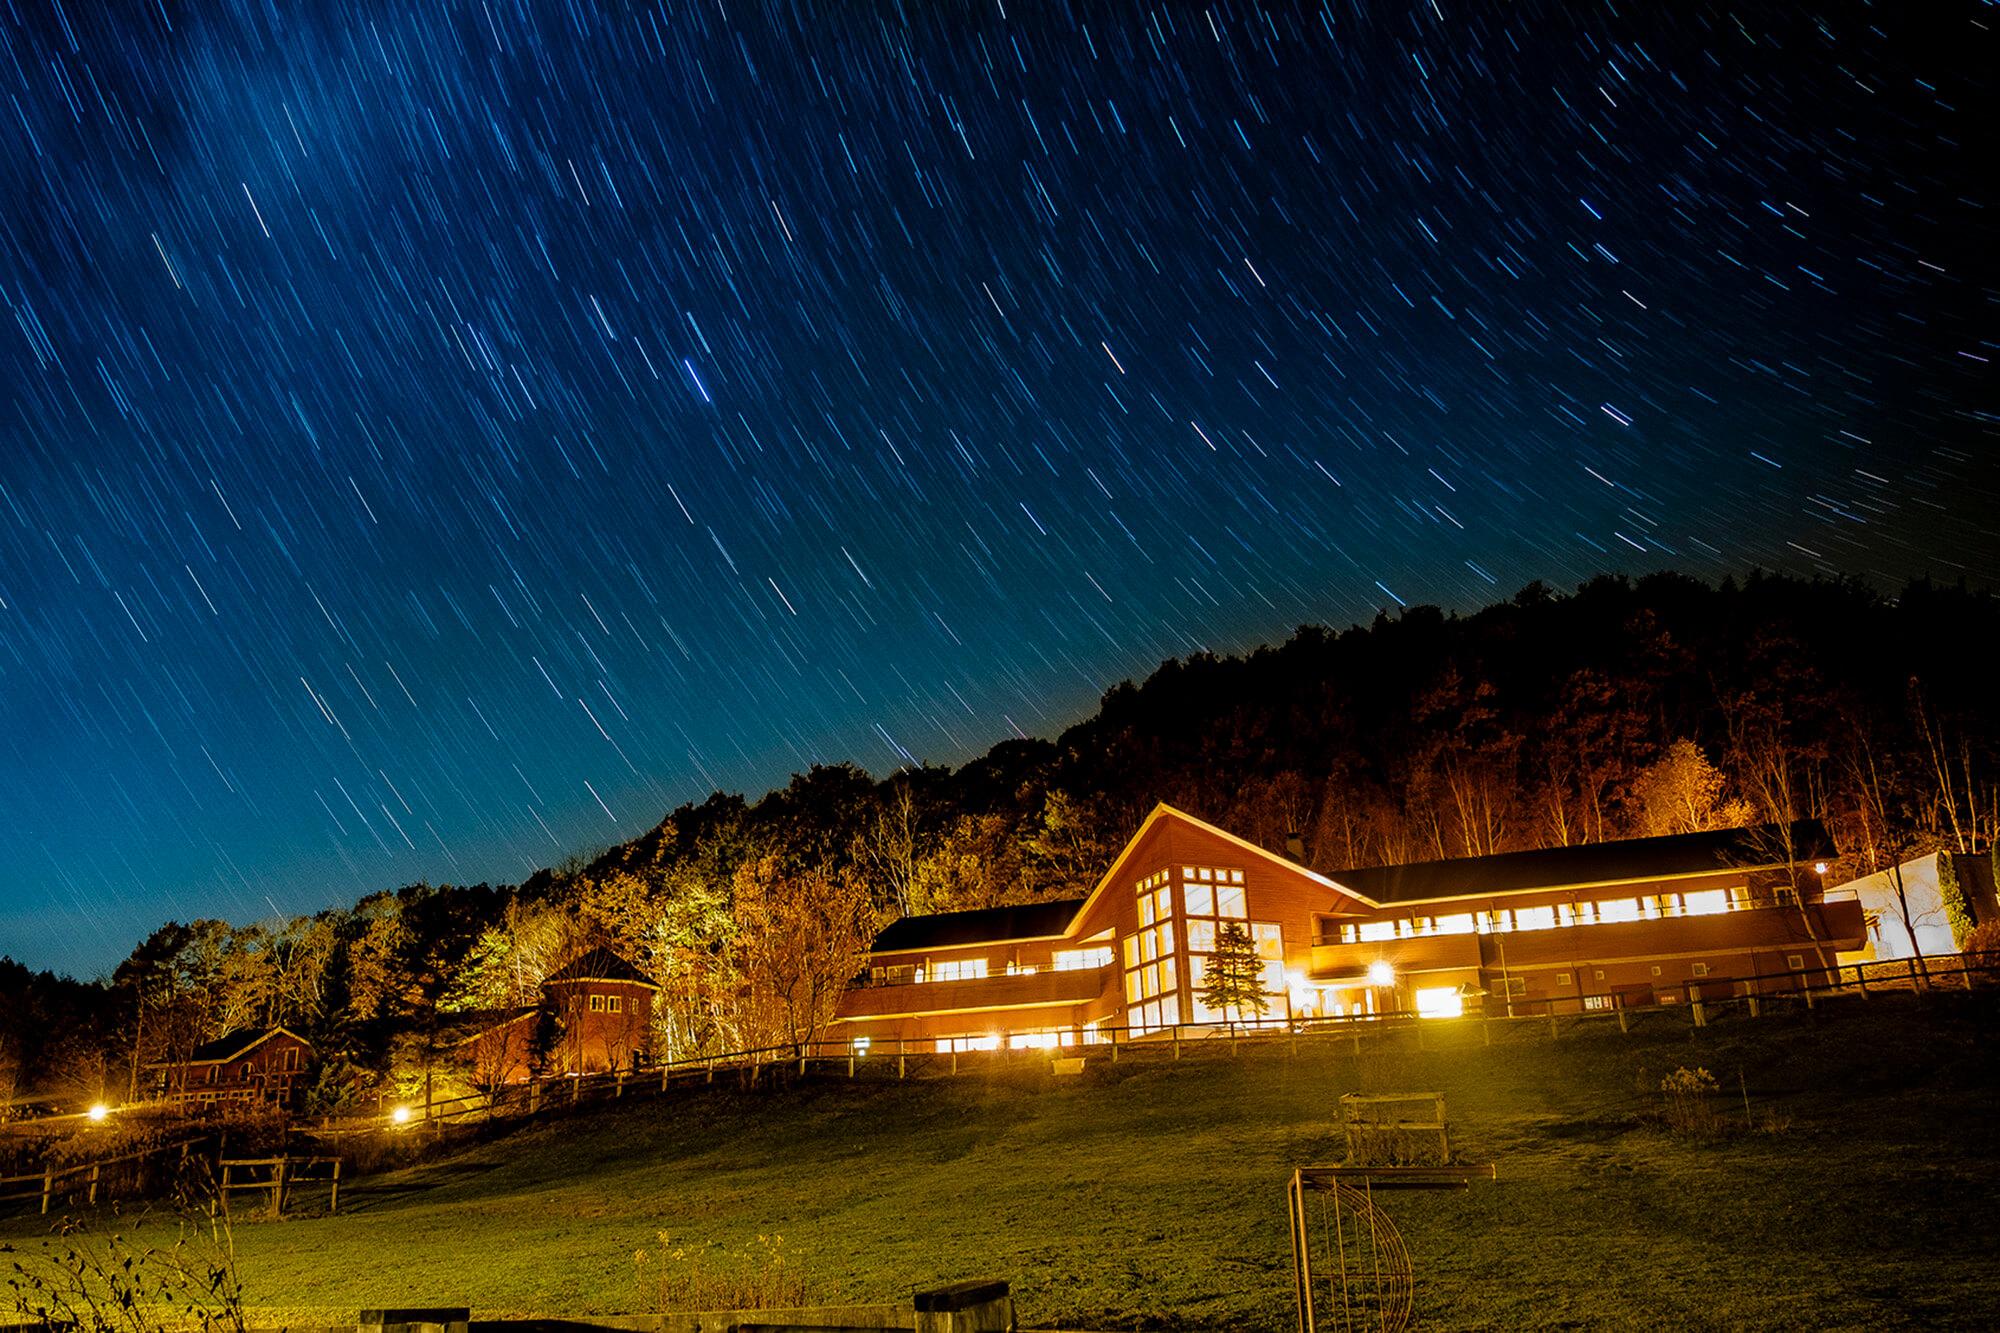 北海道、日高のナチュラルリゾート・ハイジア 夜の外観